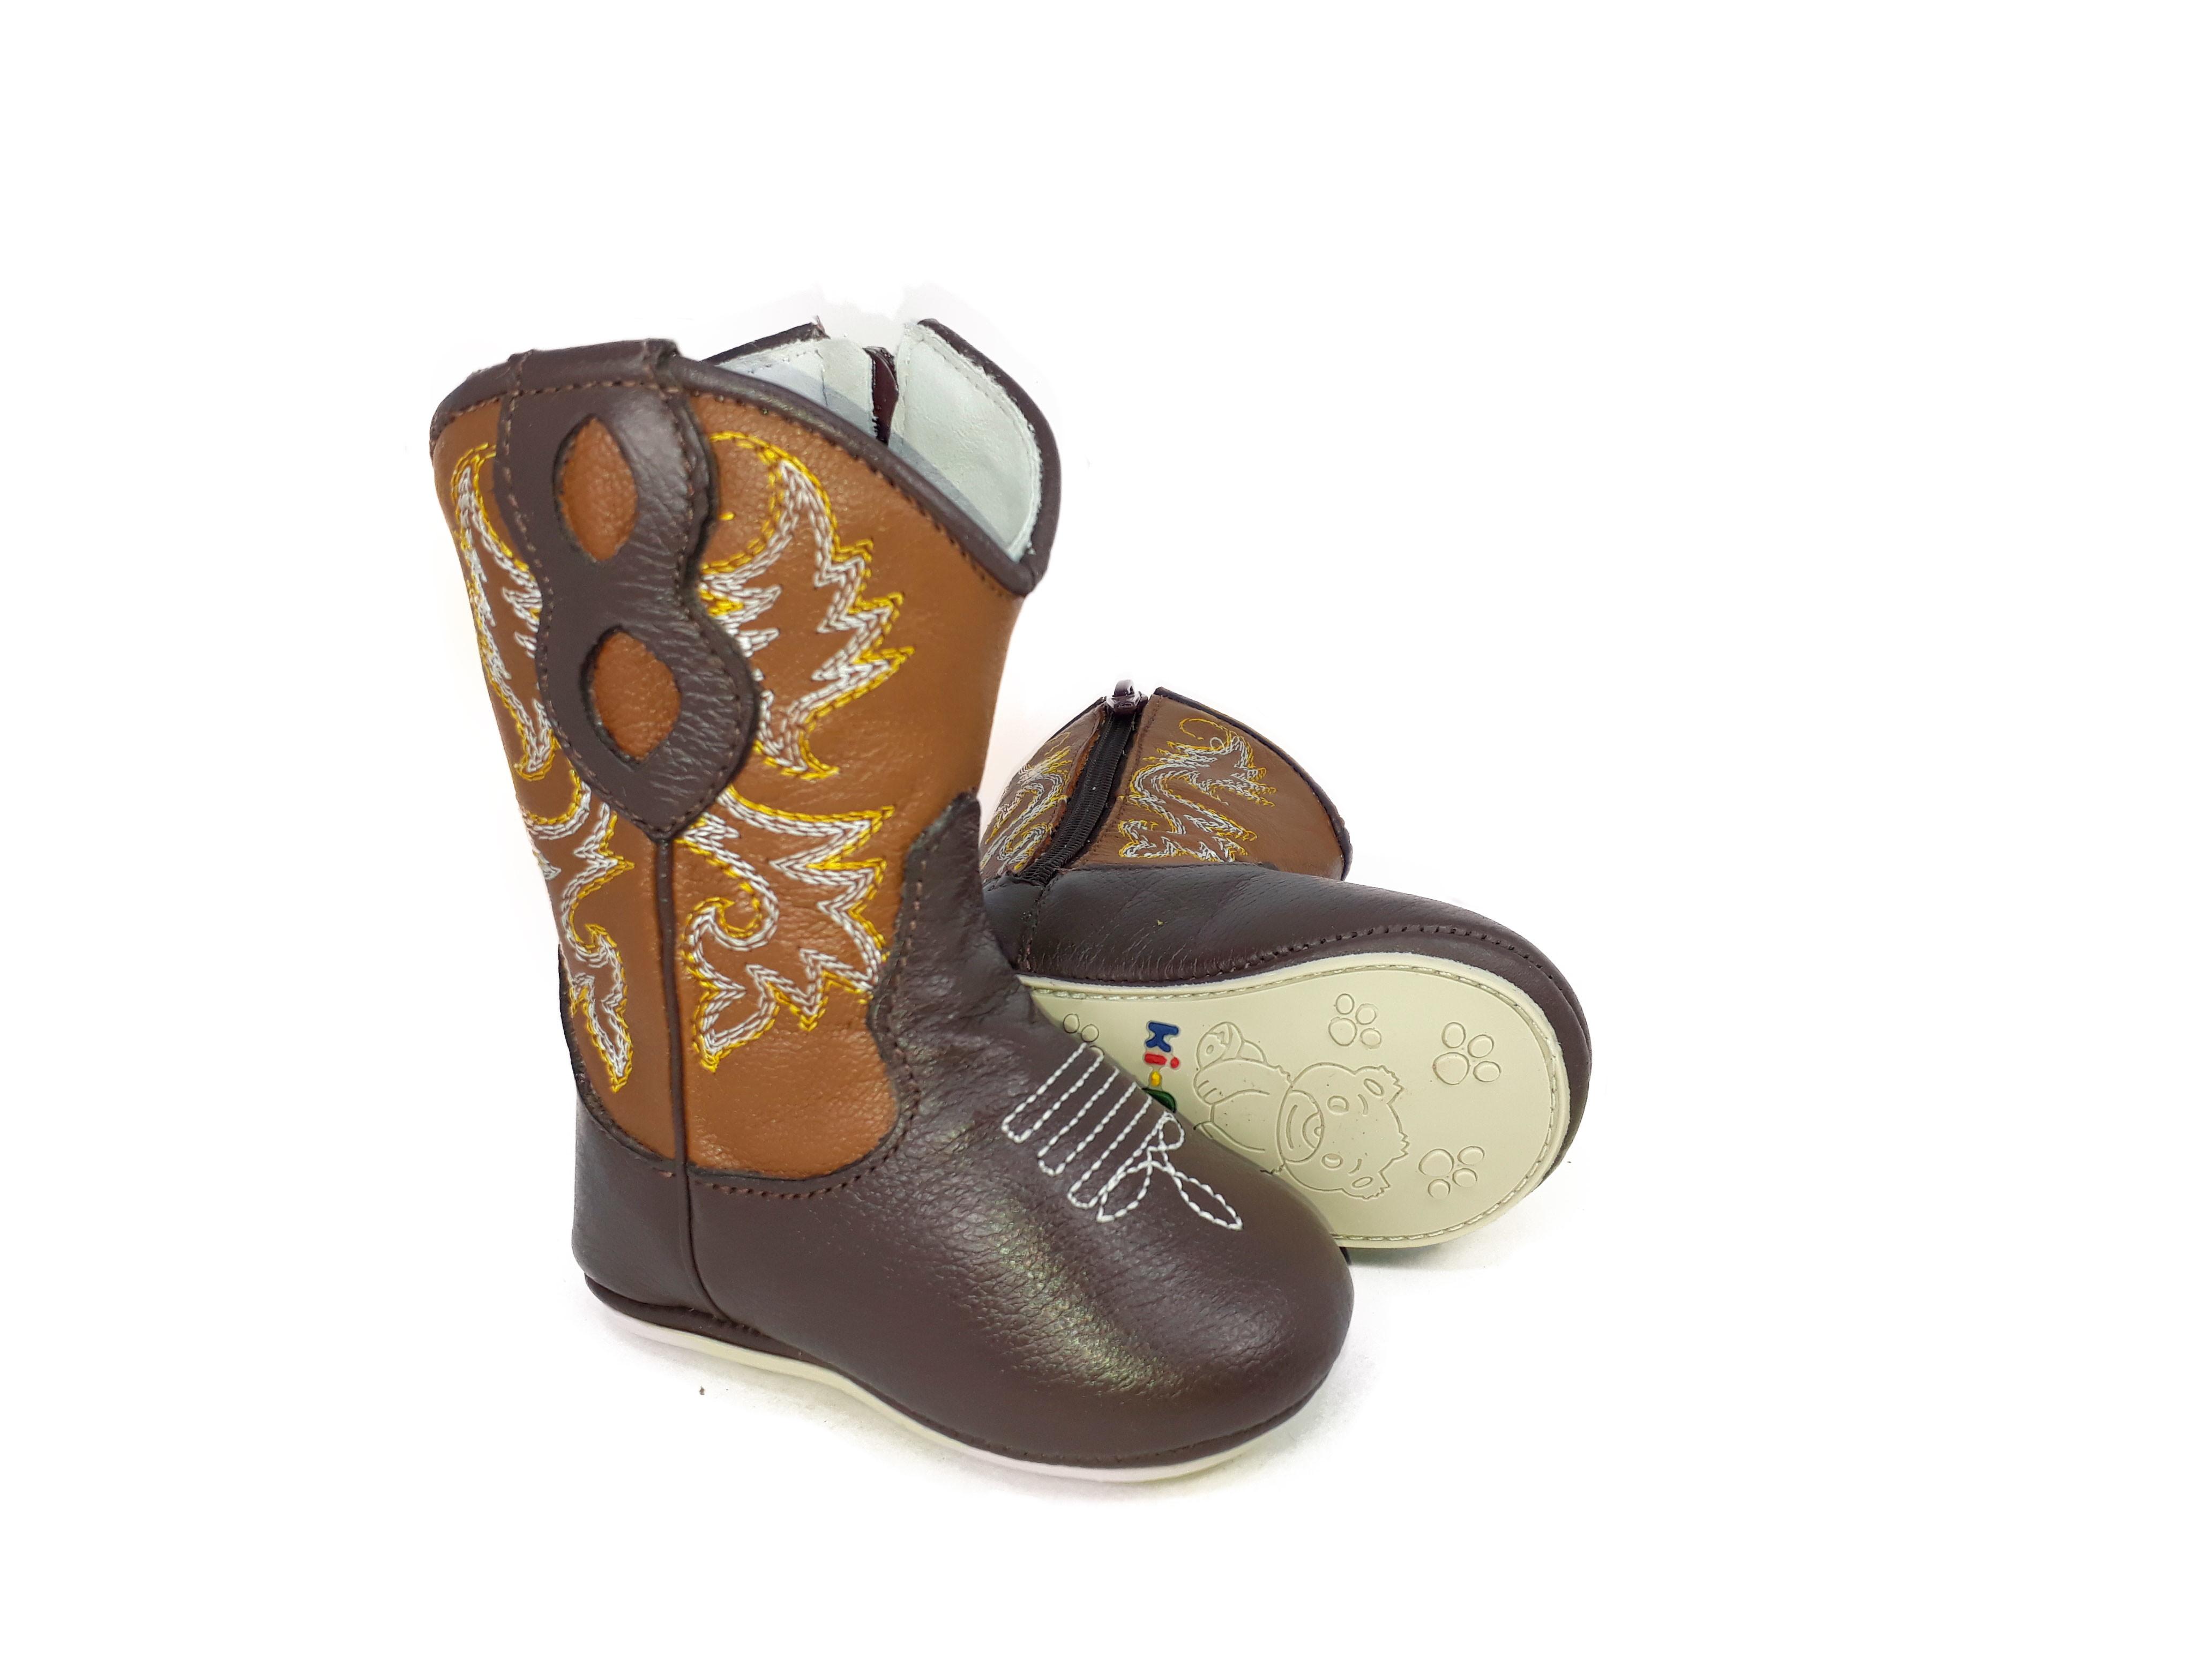 54f7fca8cd1359 Bota de Bebe Country Texana Menina Cowboy Rodeio 1831